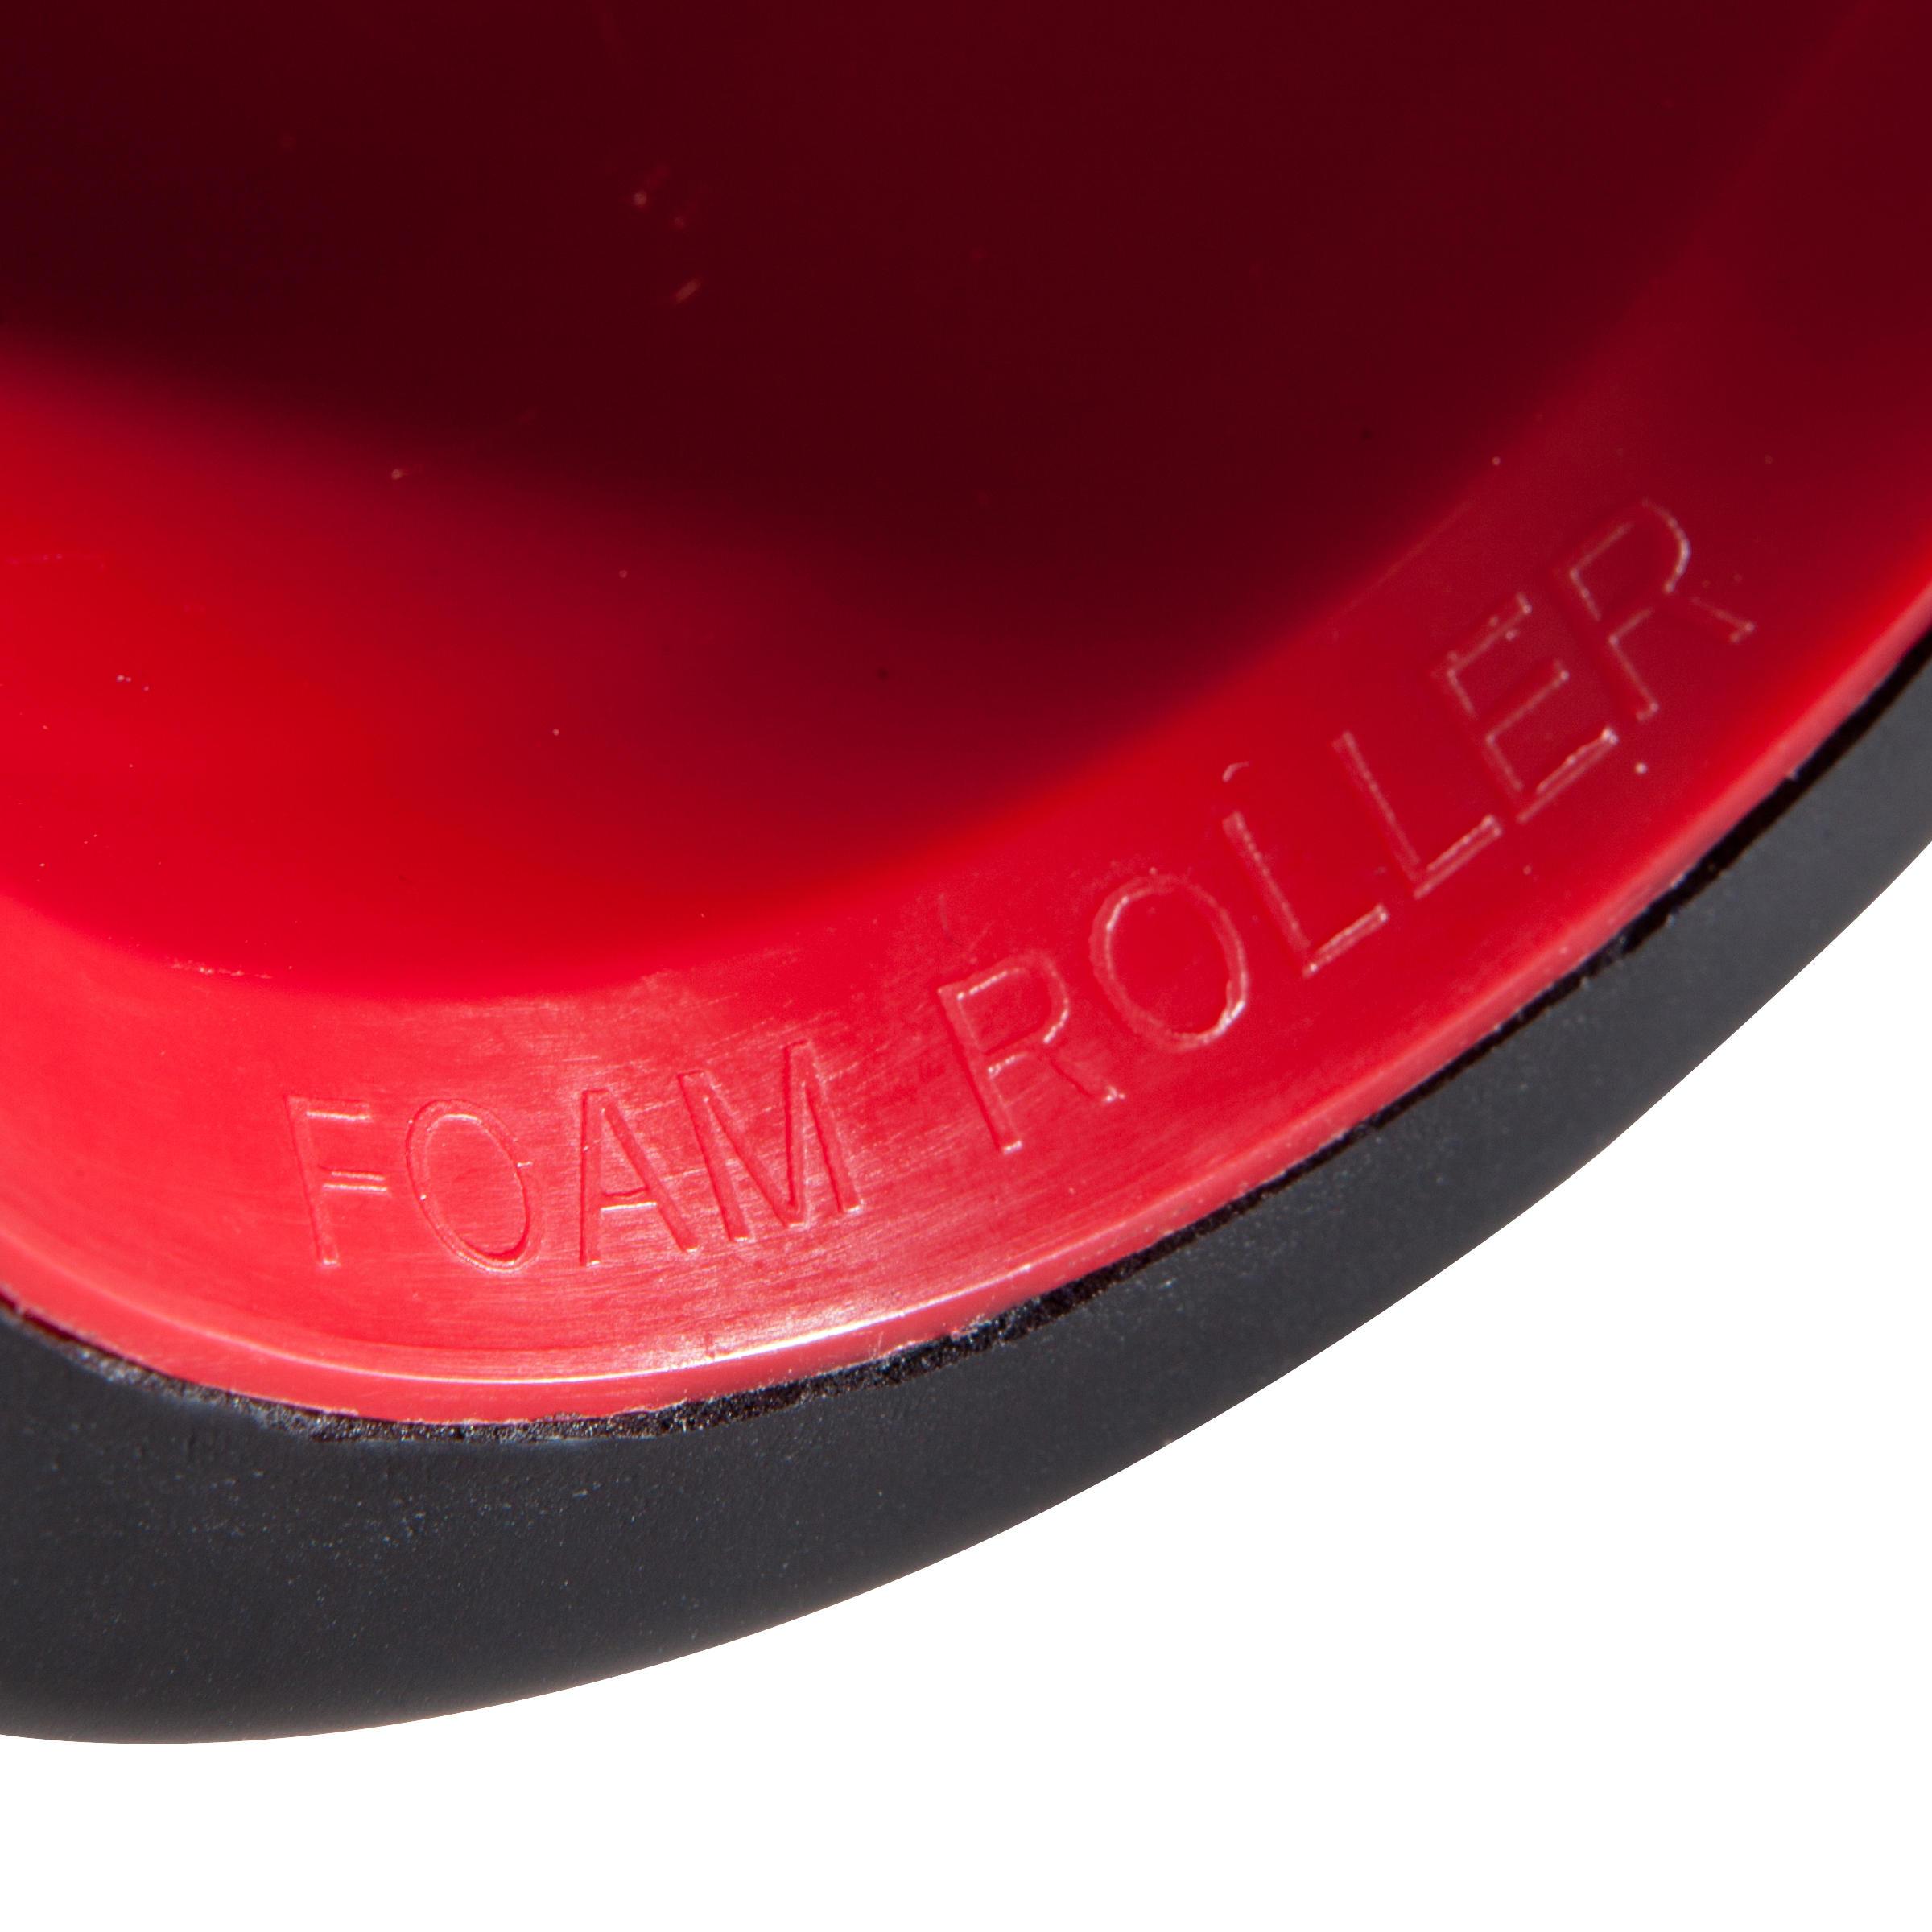 Hard Foam Roller Self-Massage